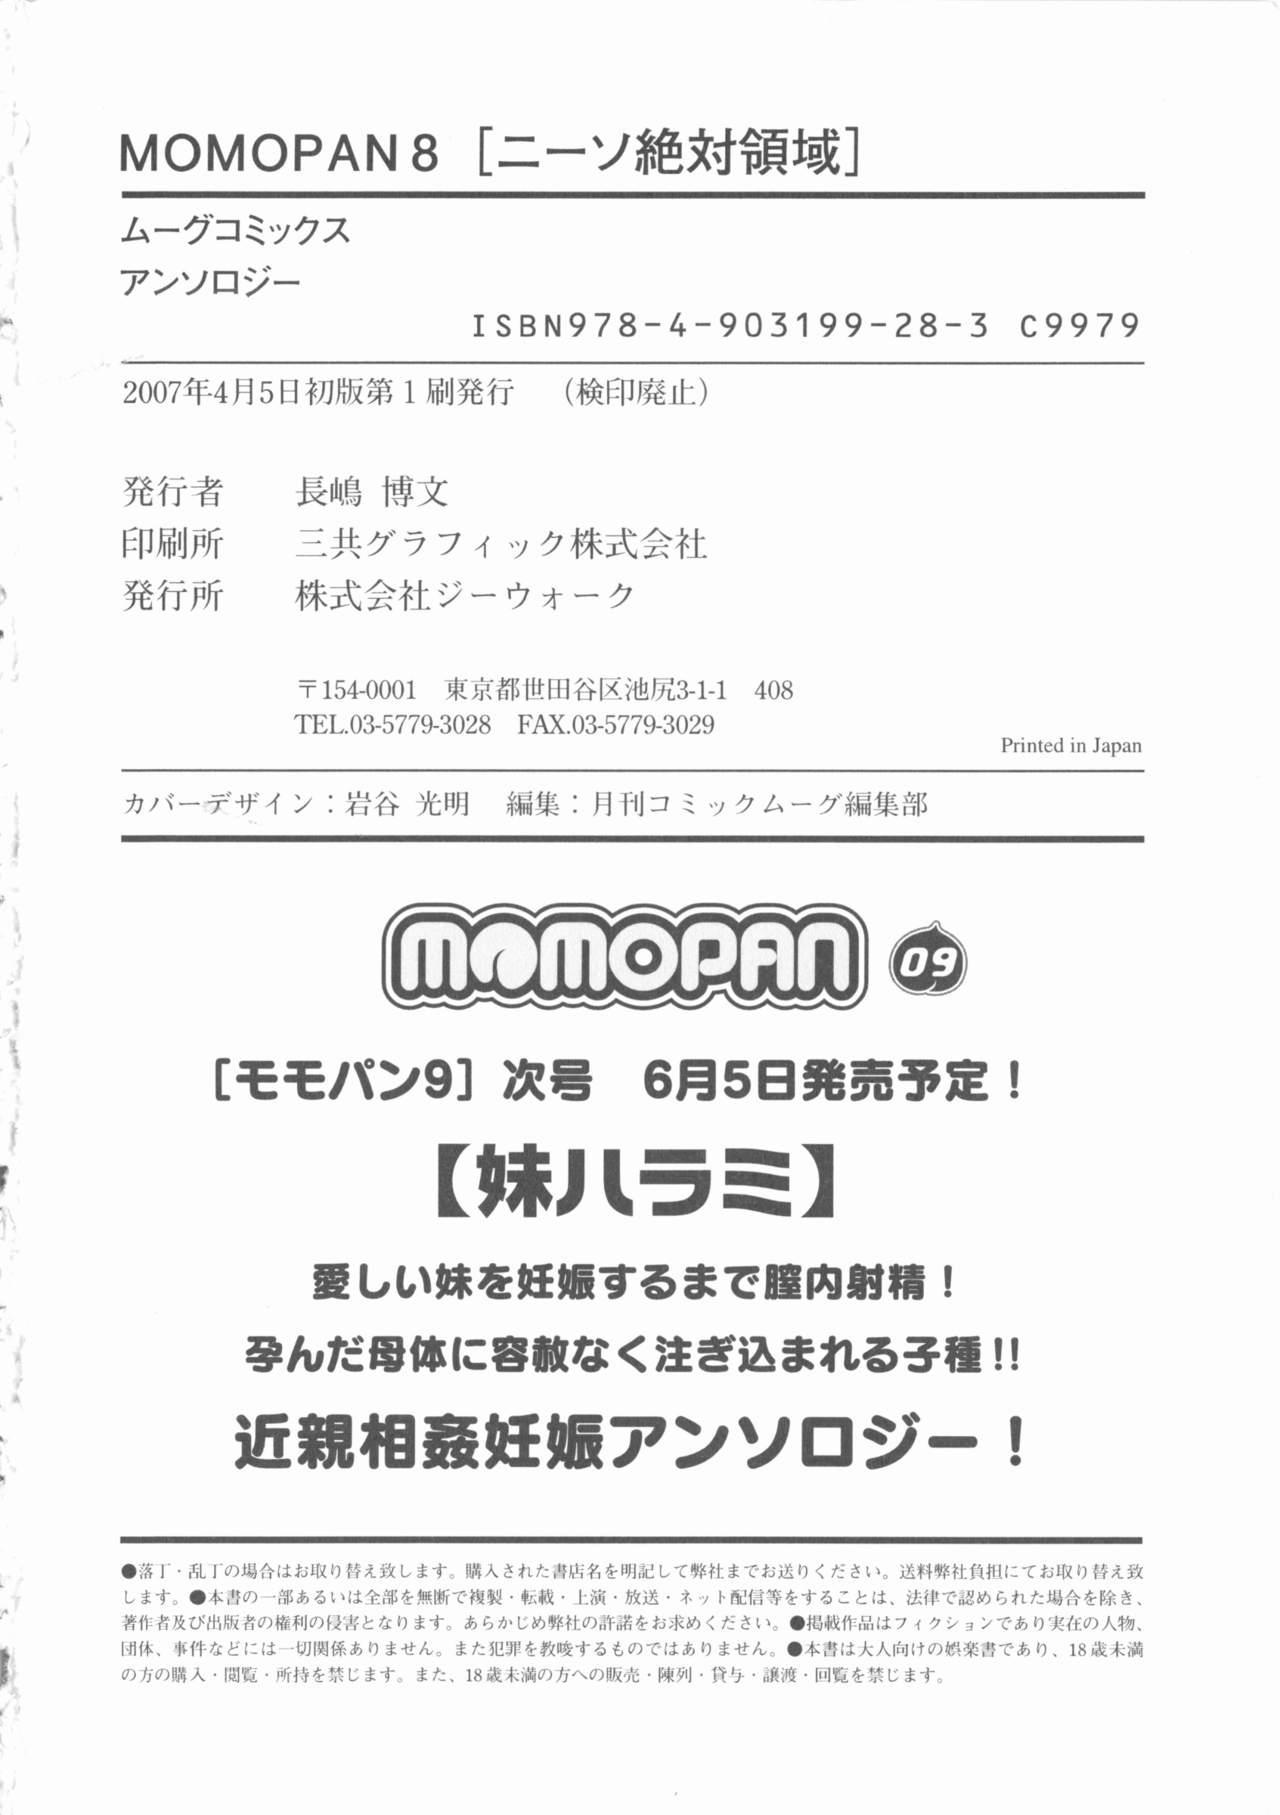 MOMOPAN 8 185